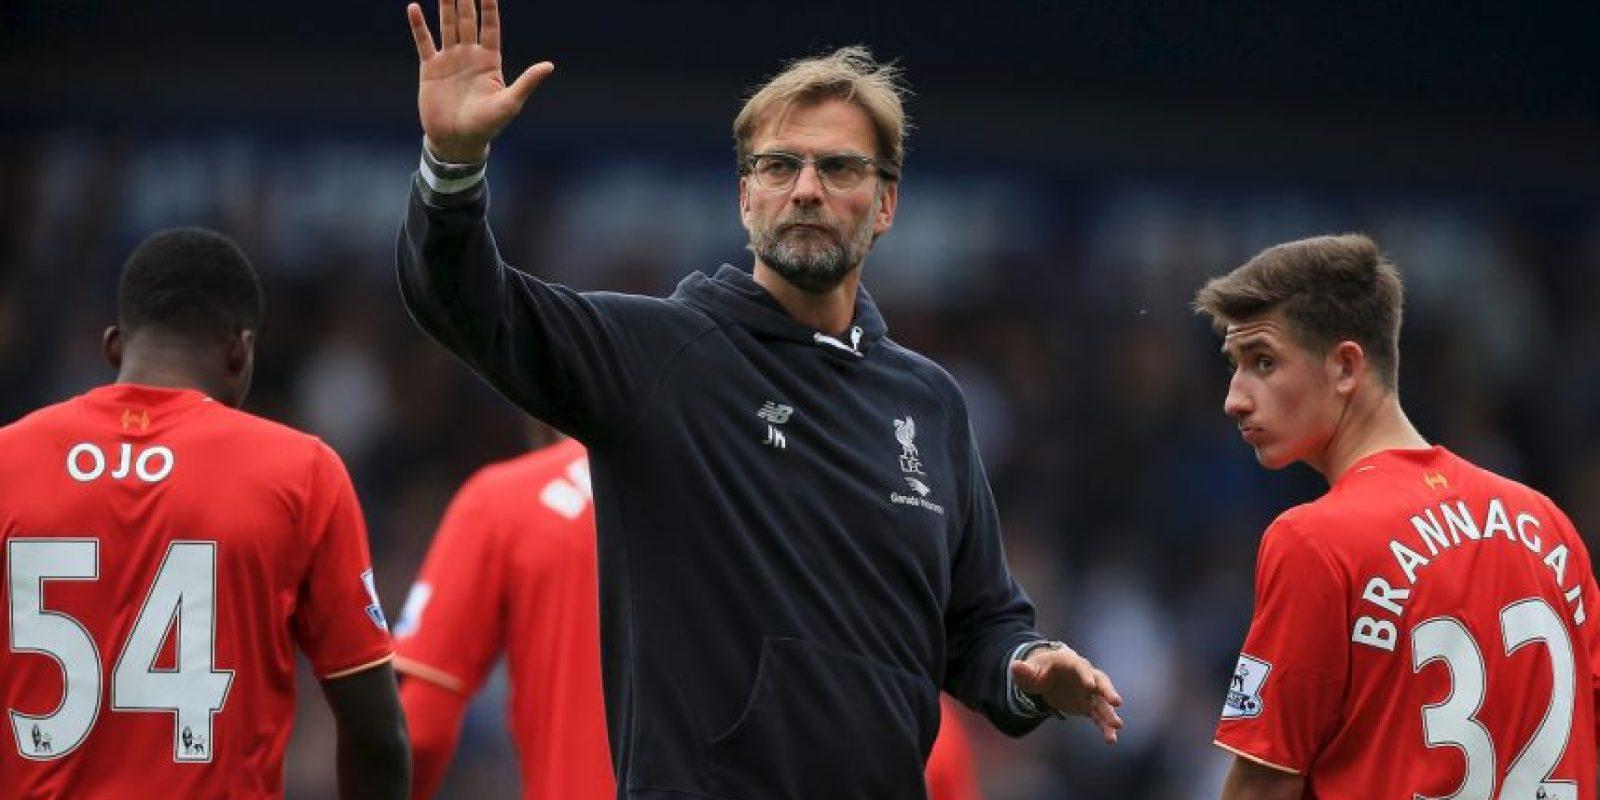 Después de 11 años, Klop regresó al Liverpool a una final europea, luego de que se coronaran en la Champions de 2005 Foto:Getty Images